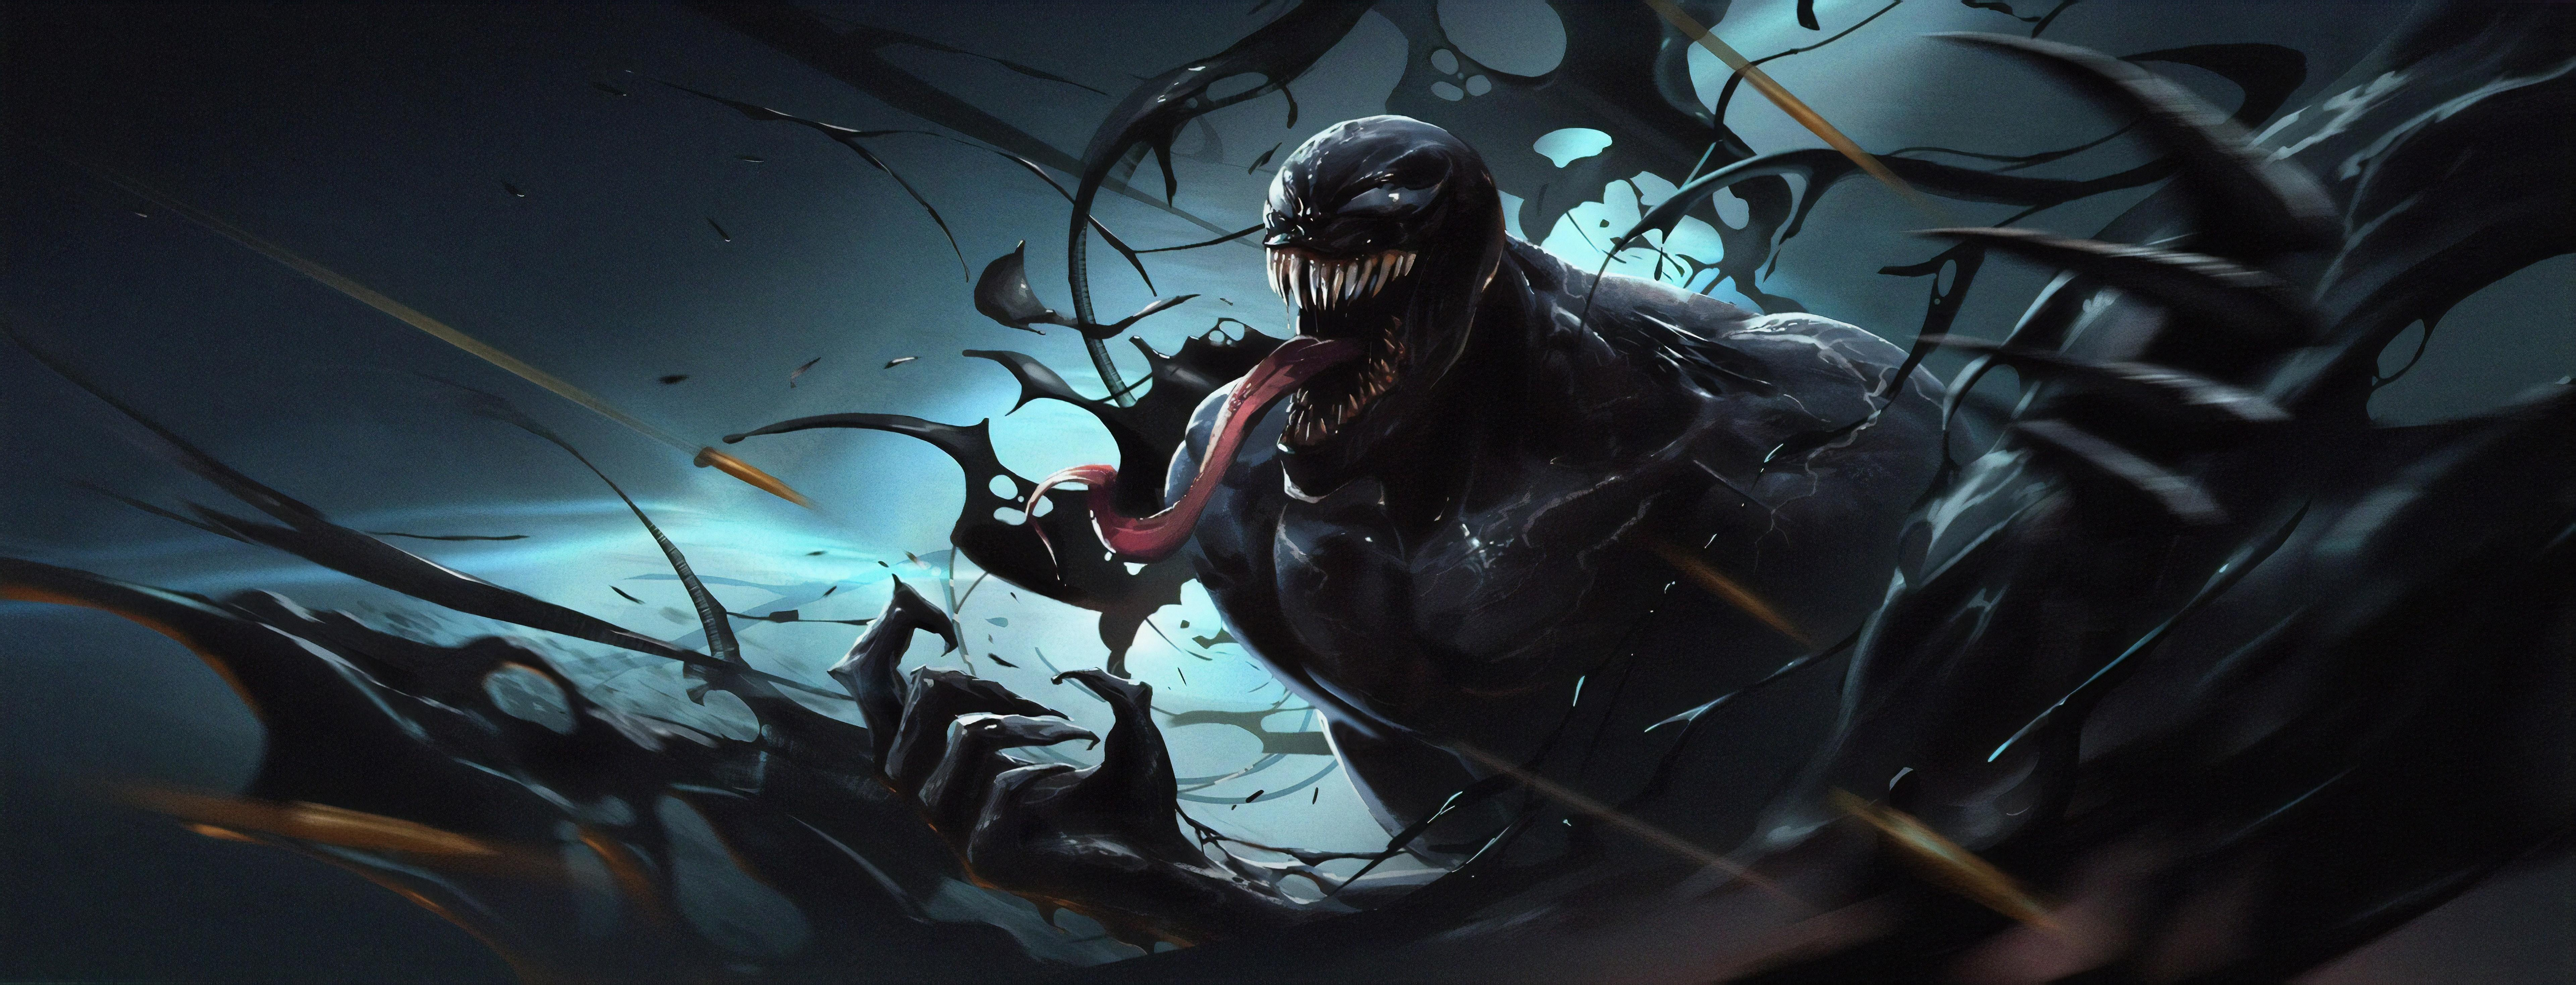 Venom Fondos De Pantalla Full Hd 4k Para Celular